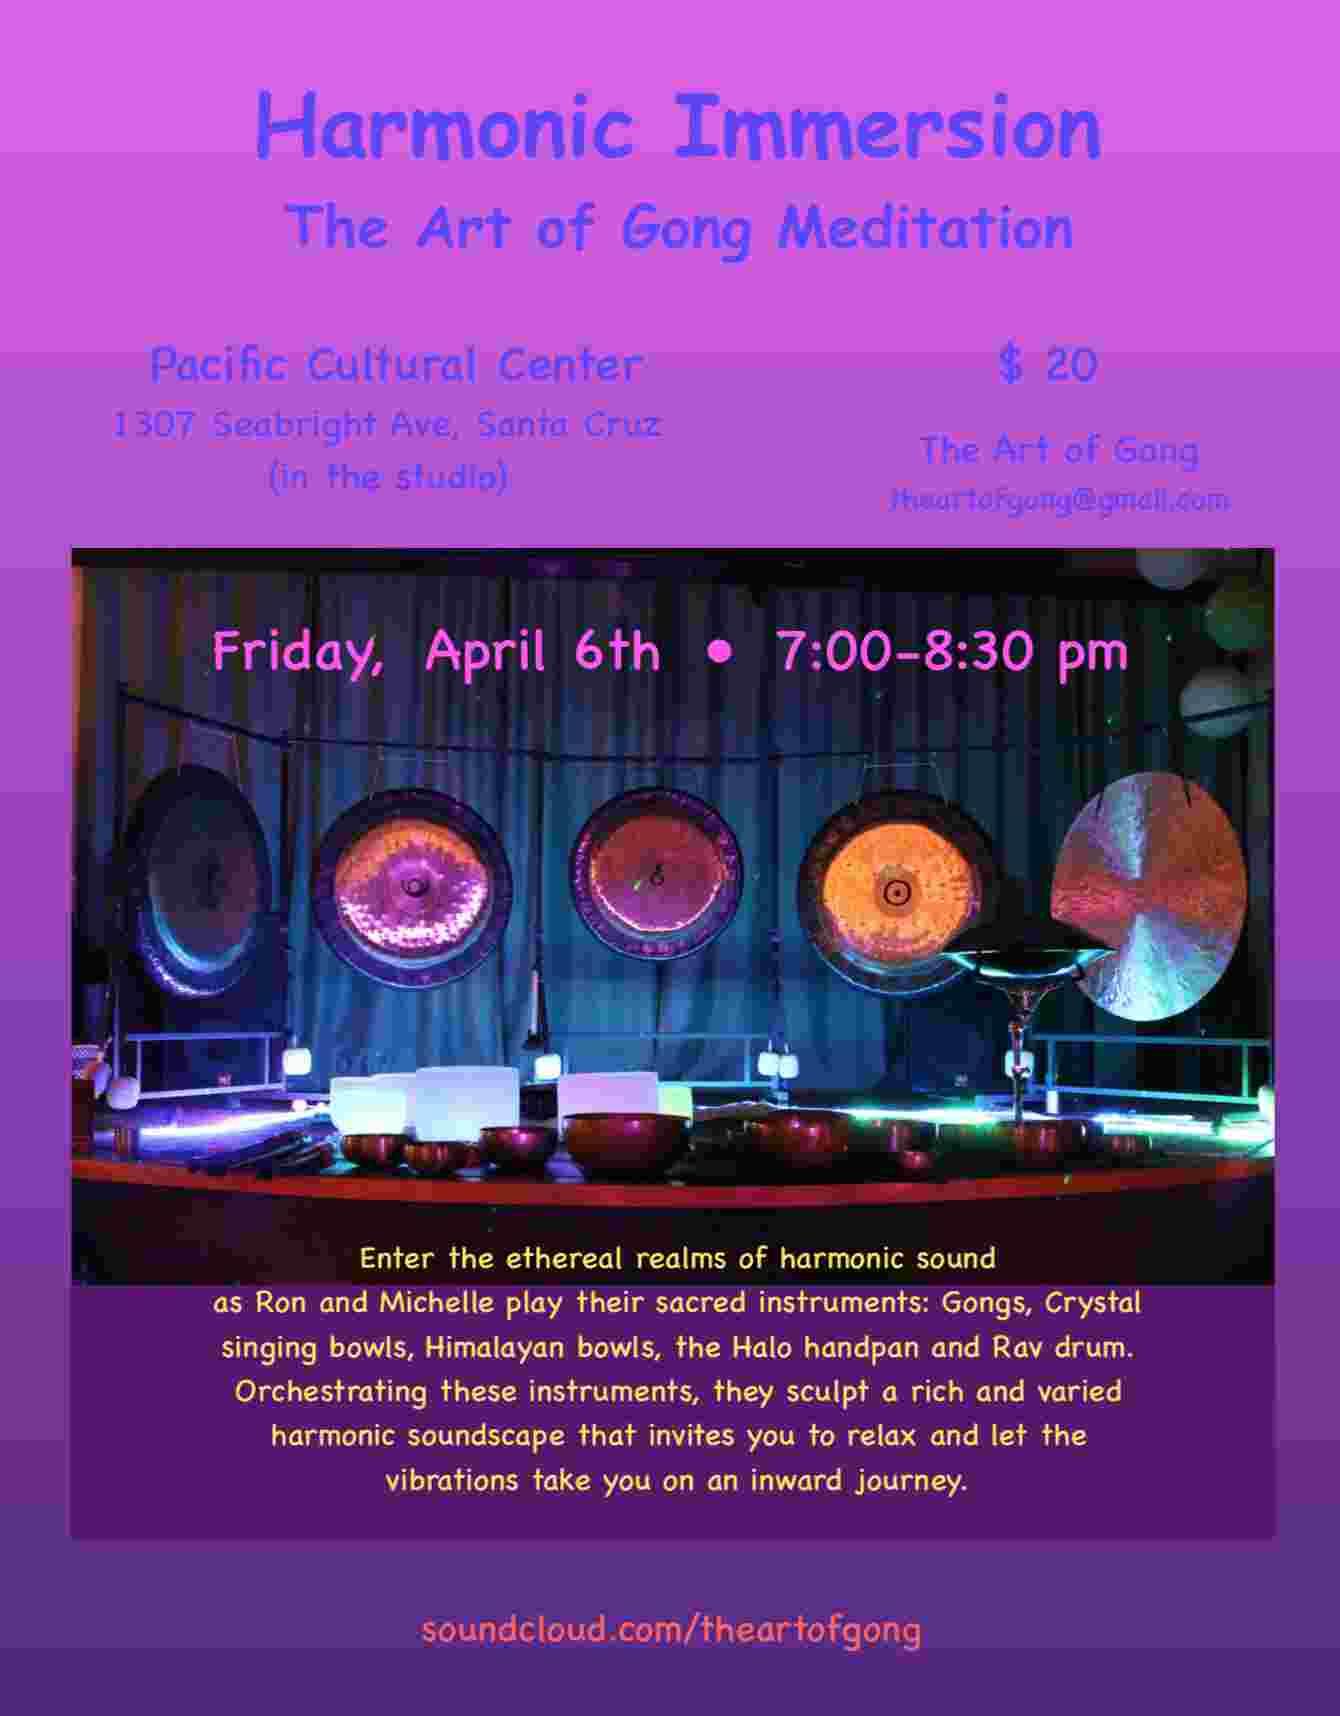 Art of gong   pic.jpg